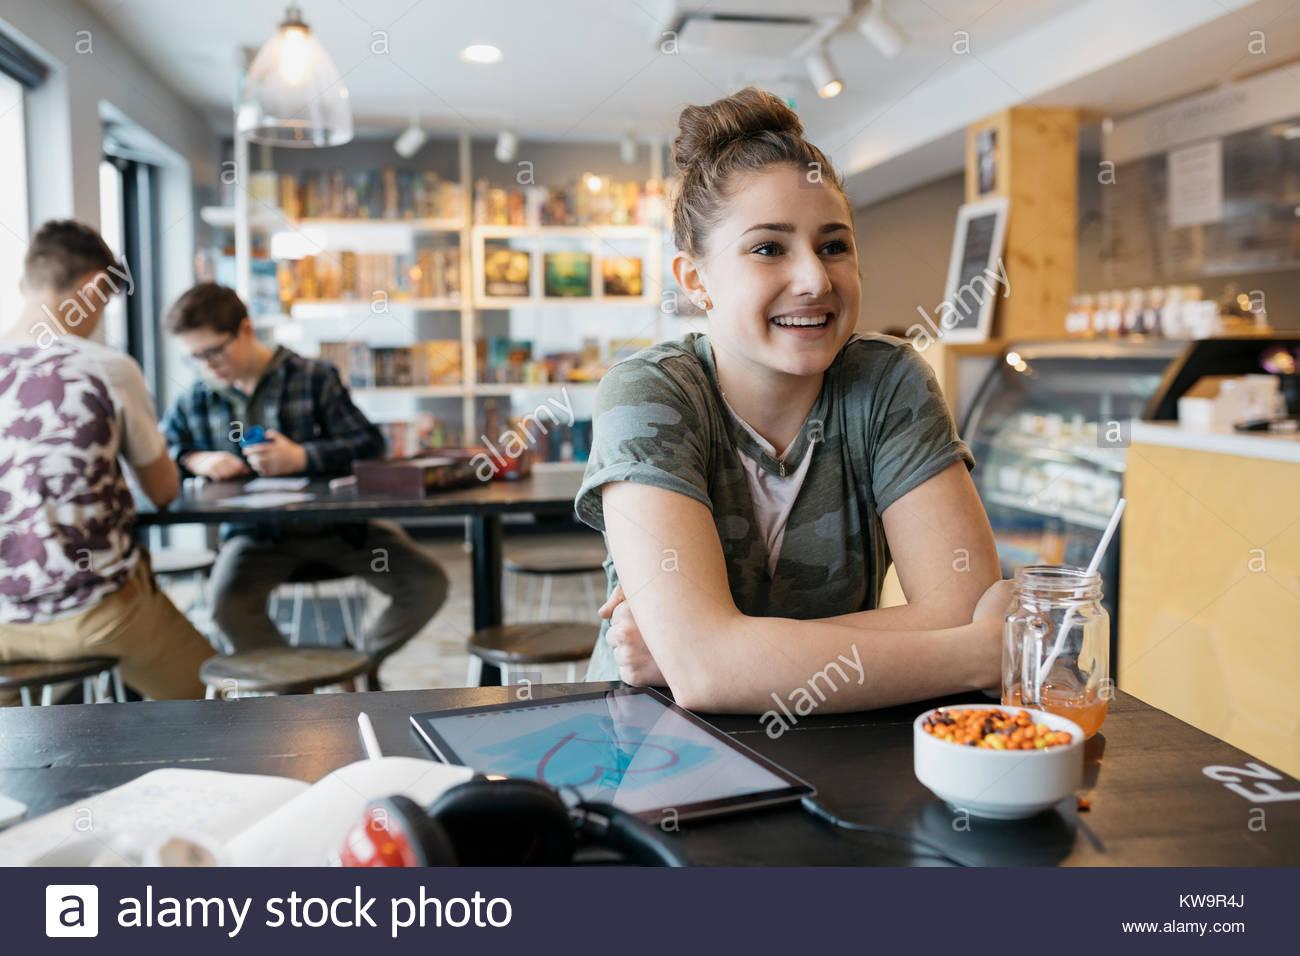 Lächelnd kaukasischen High School Mädchen Schüler mit digitalen Tablet studieren in Cafe Stockbild